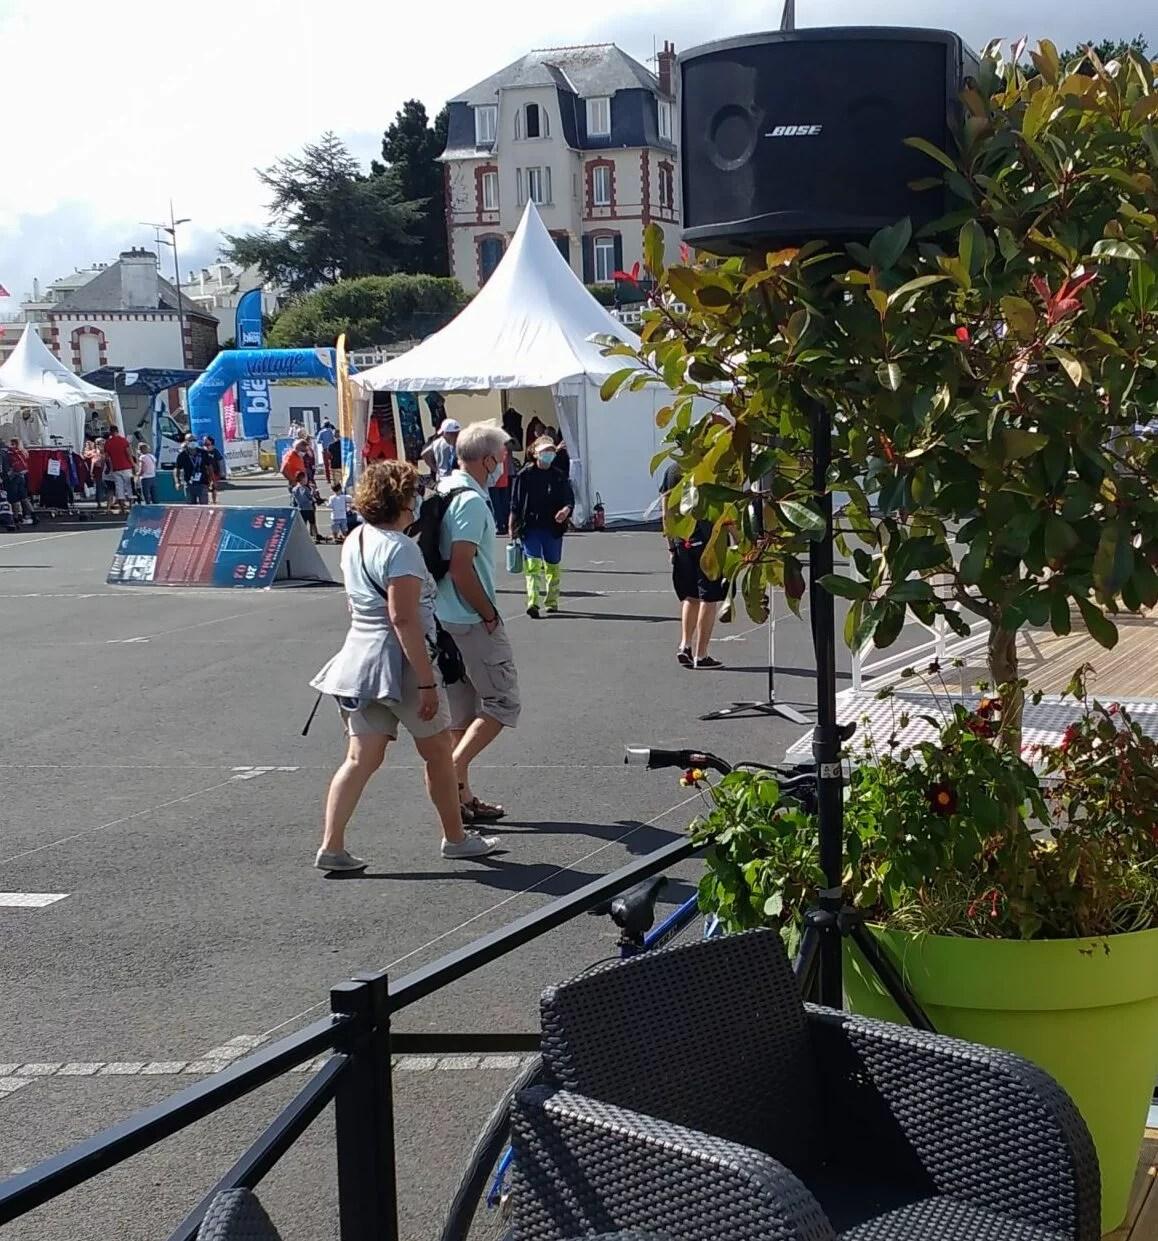 Sonorisation du village départ de la Solitaire de la Figaro 2020 à Saint-Quay